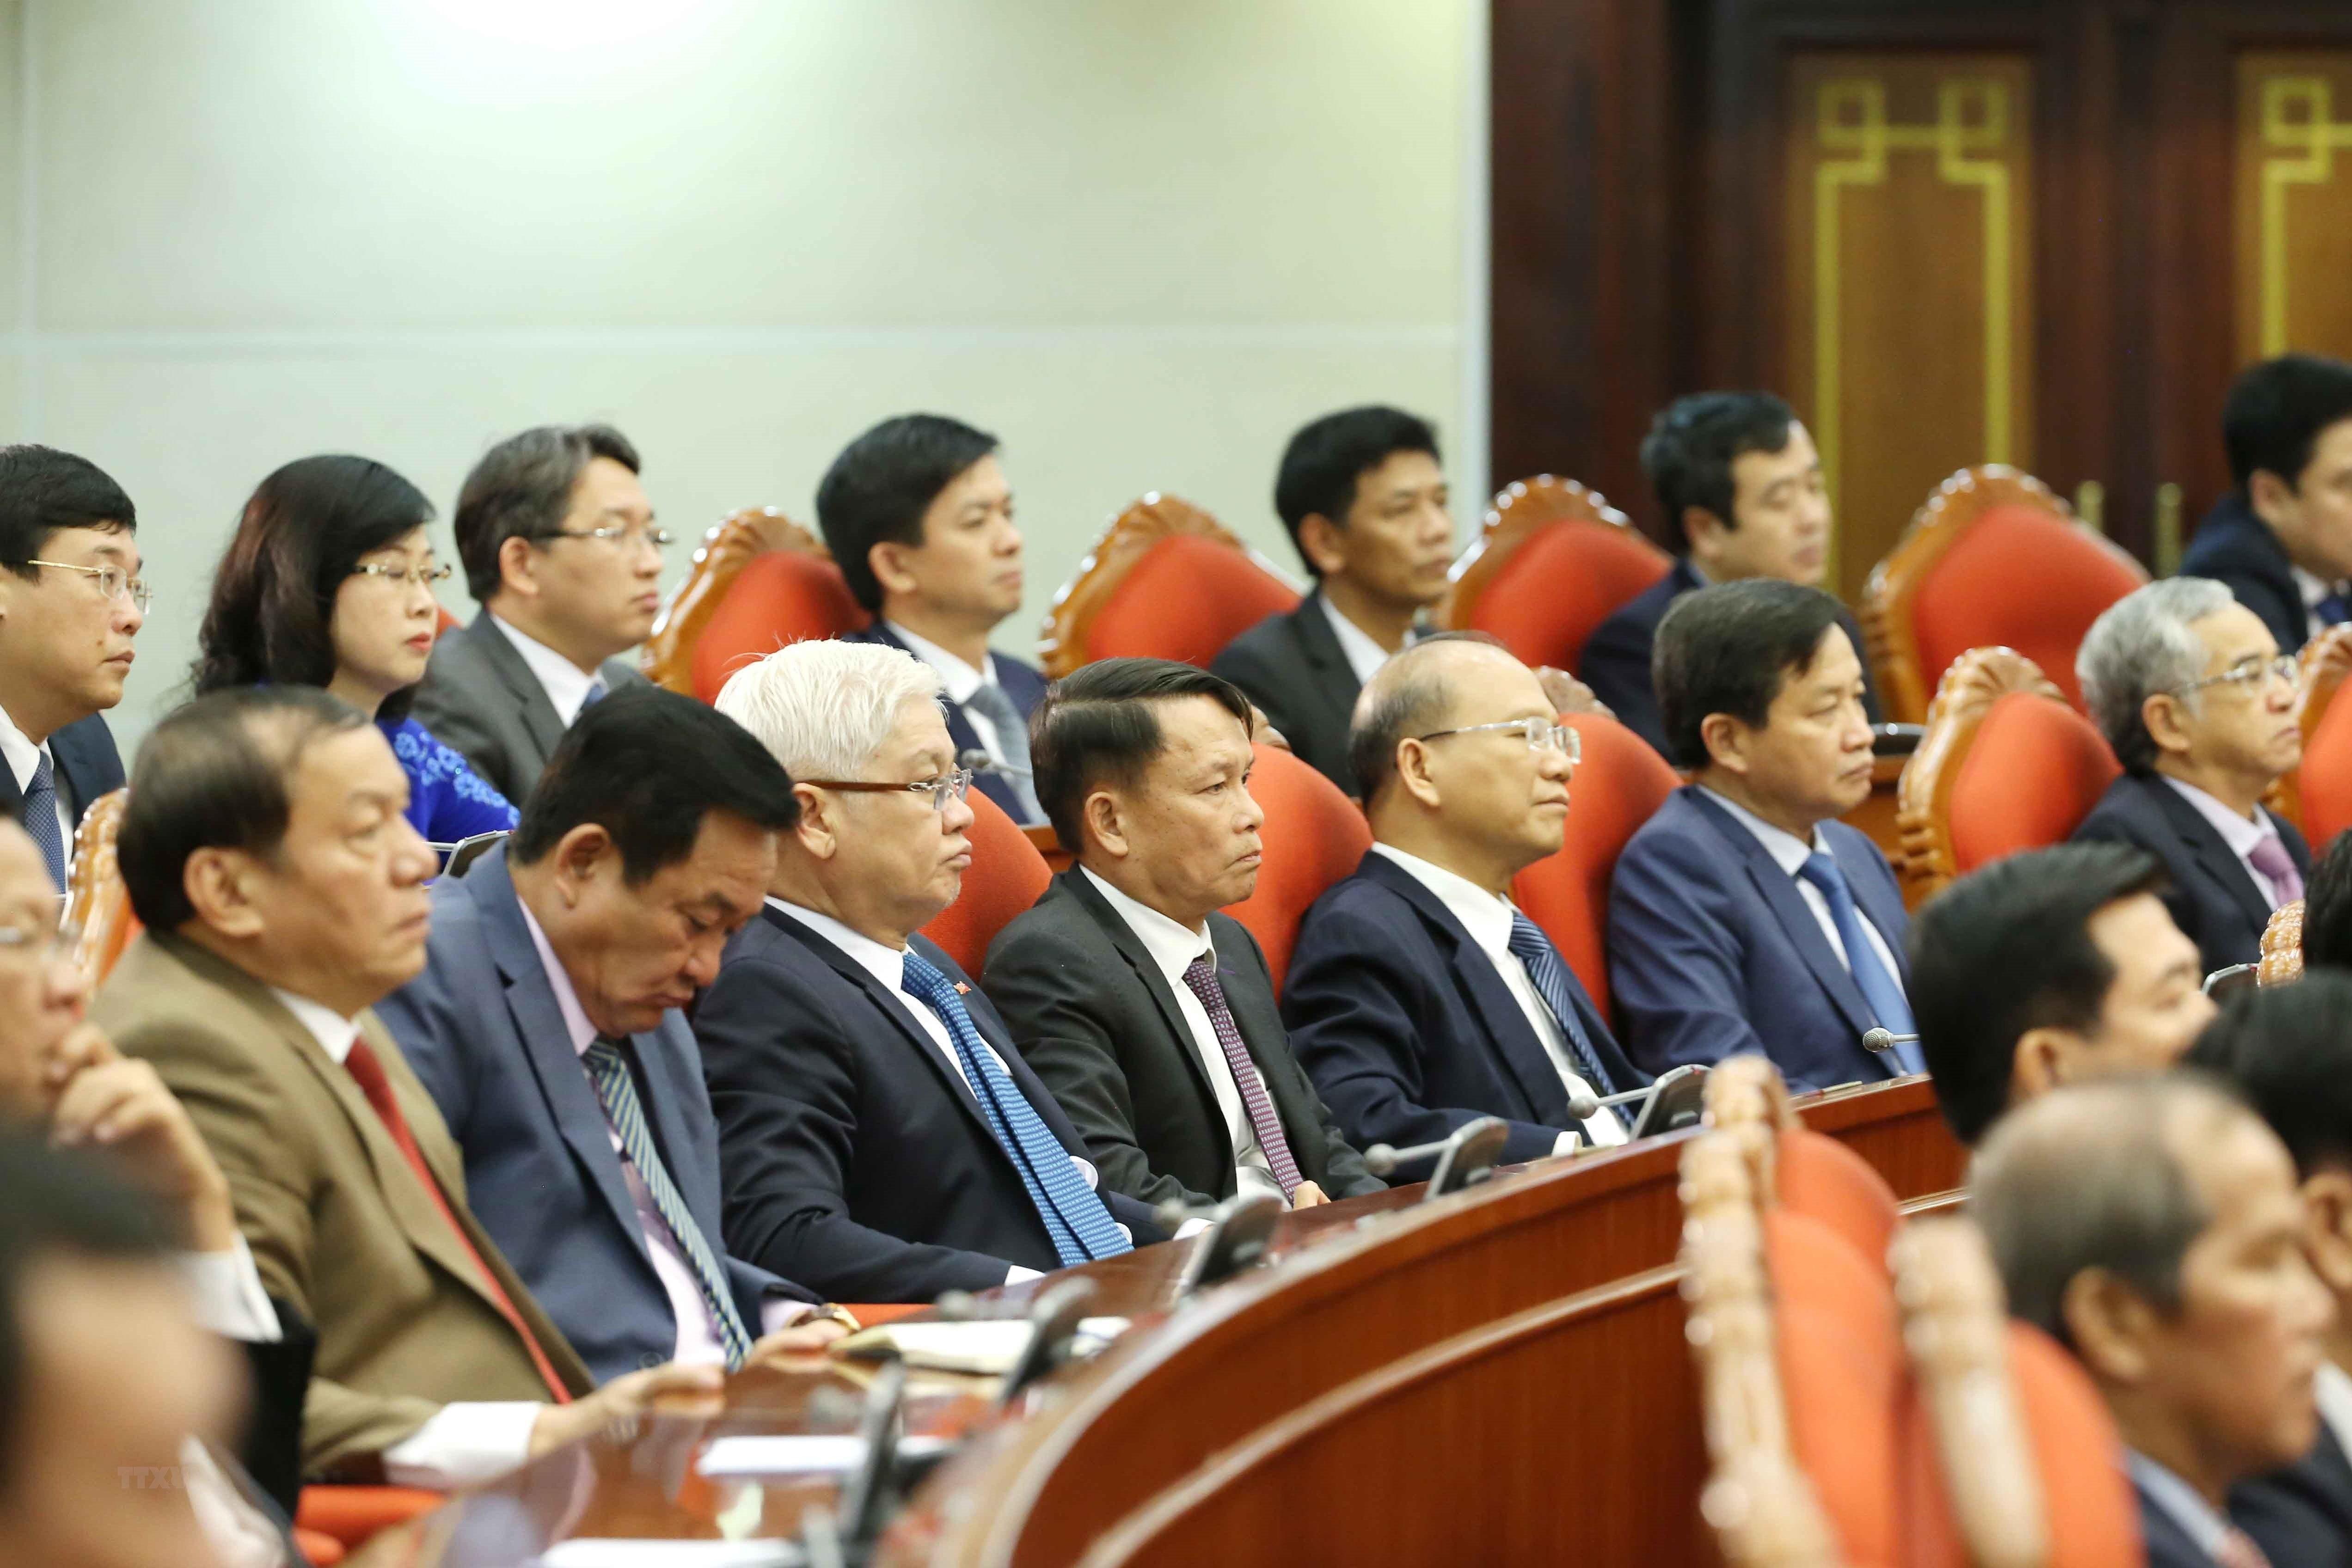 Toan van bai phat bieu be mac Hoi nghi Trung uong 12 cua Tong Bi thu hinh anh 1